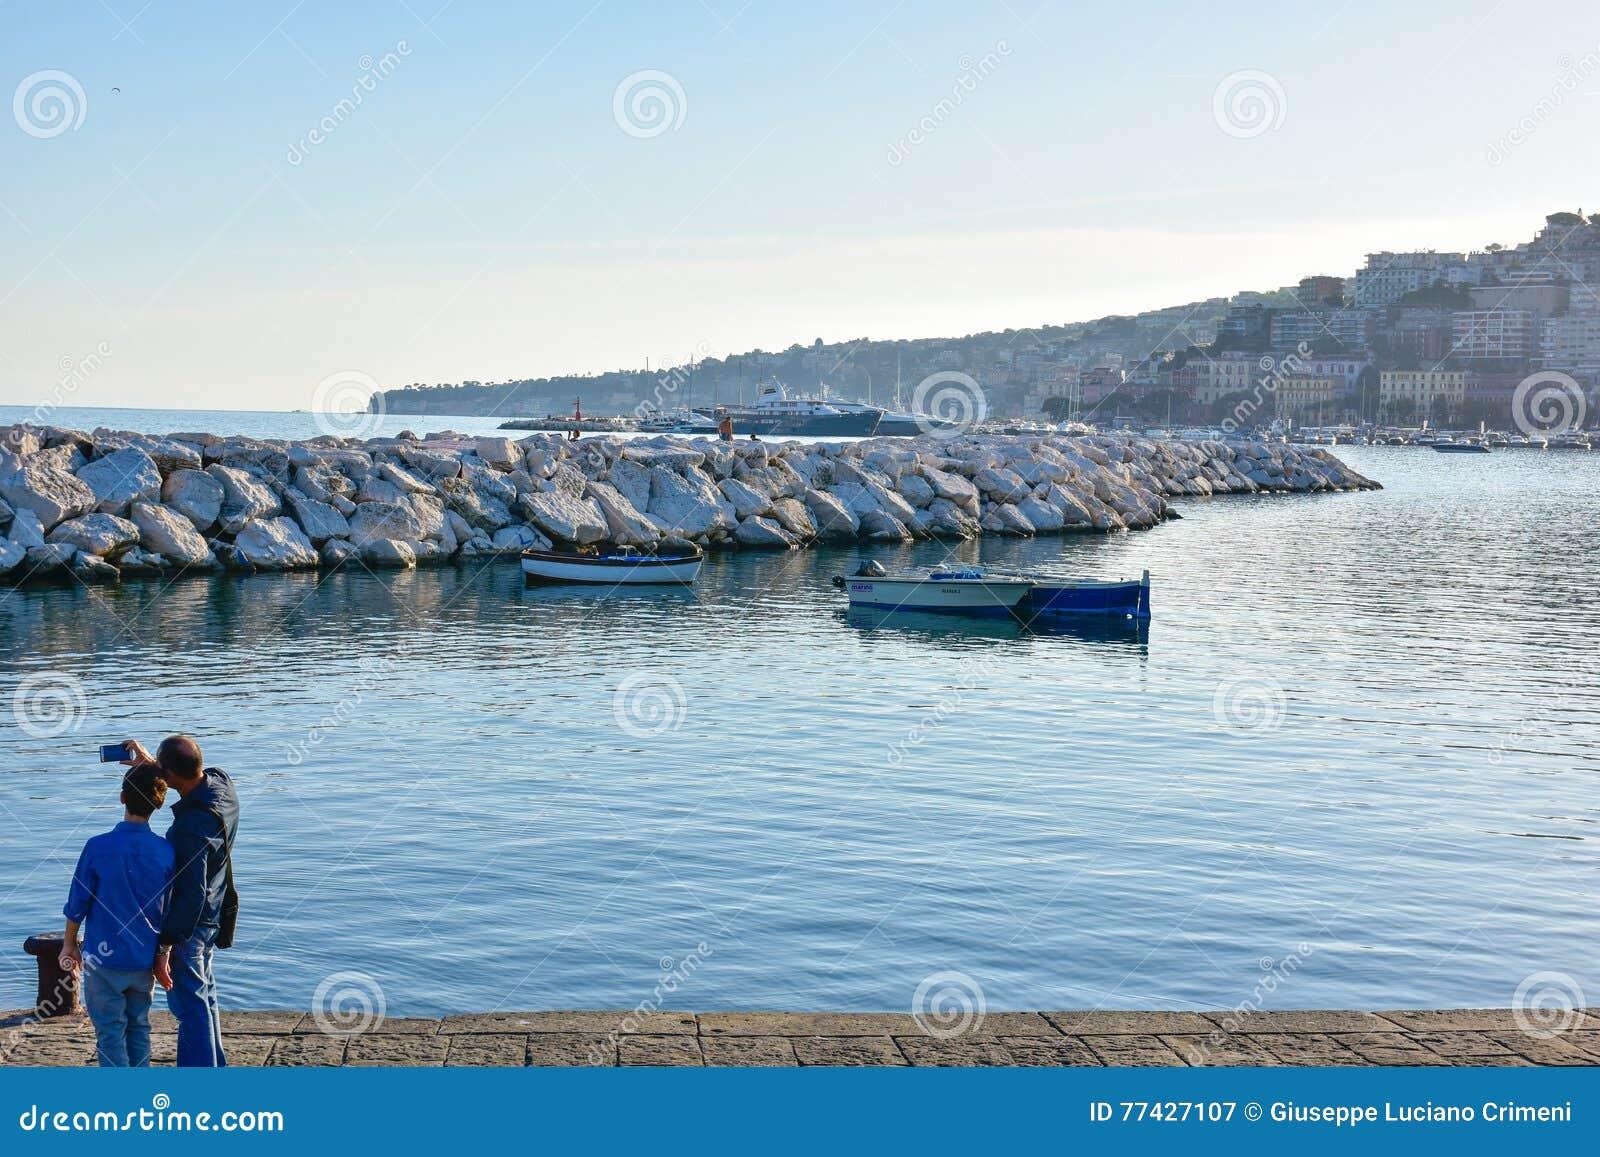 vue panoramique de naples, bord de mer francesco caracciolo